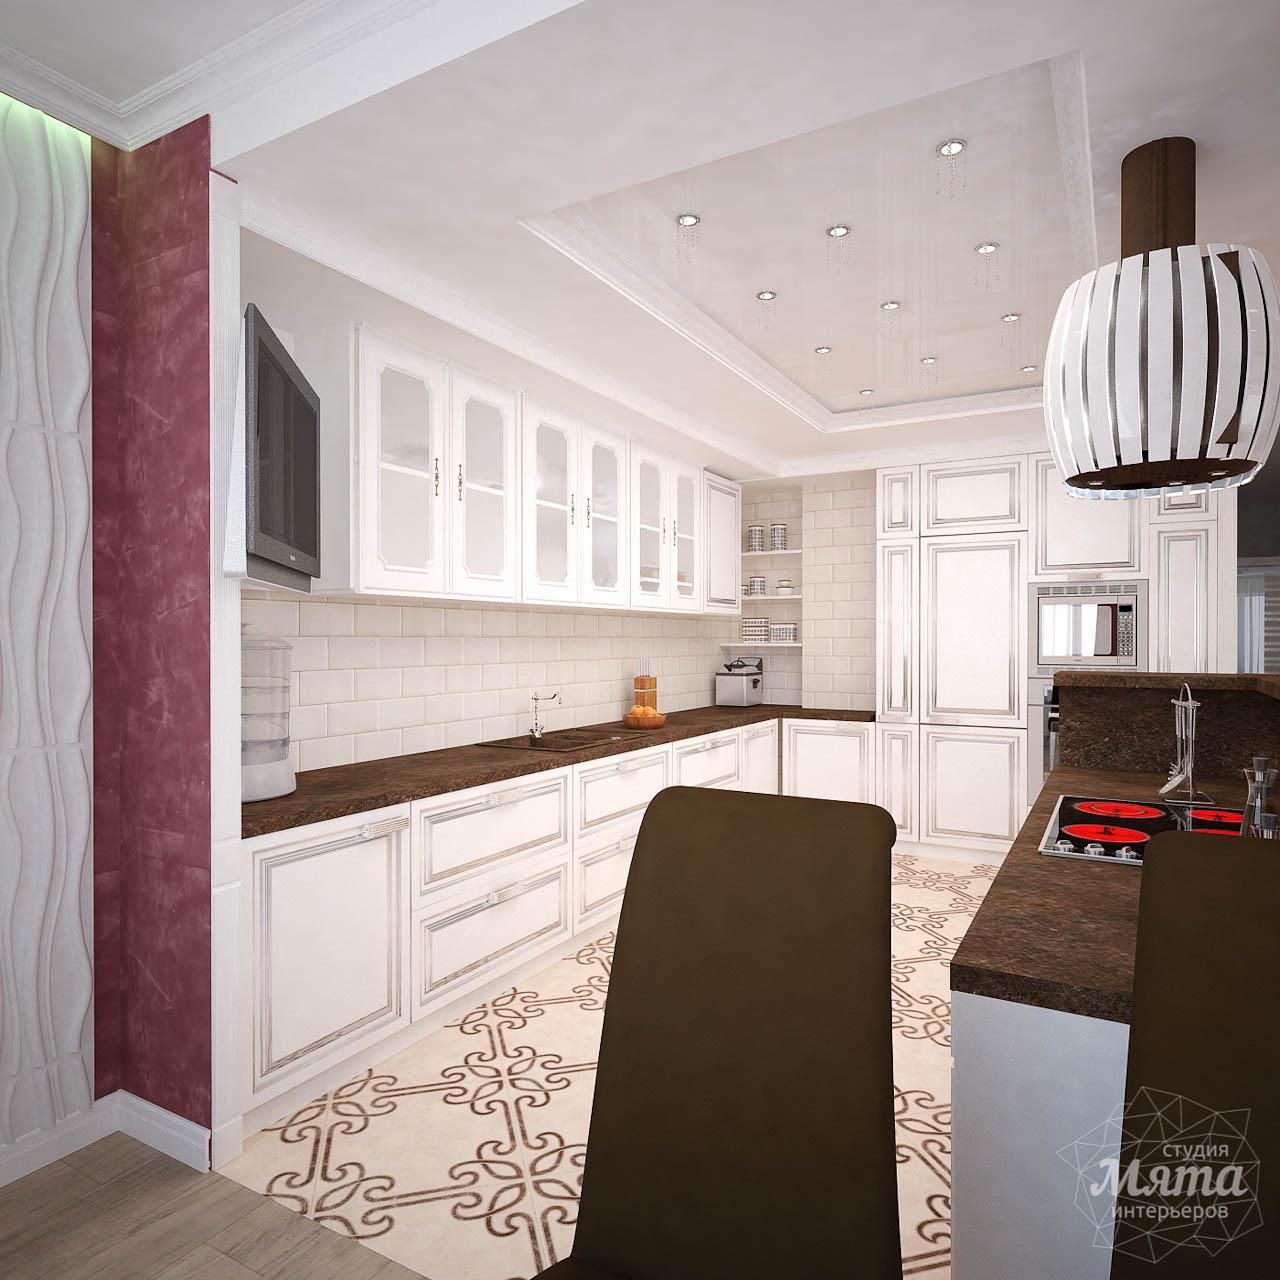 Дизайн интерьера четырехкомнатной квартиры по ул. Шевченко 18 img274030634